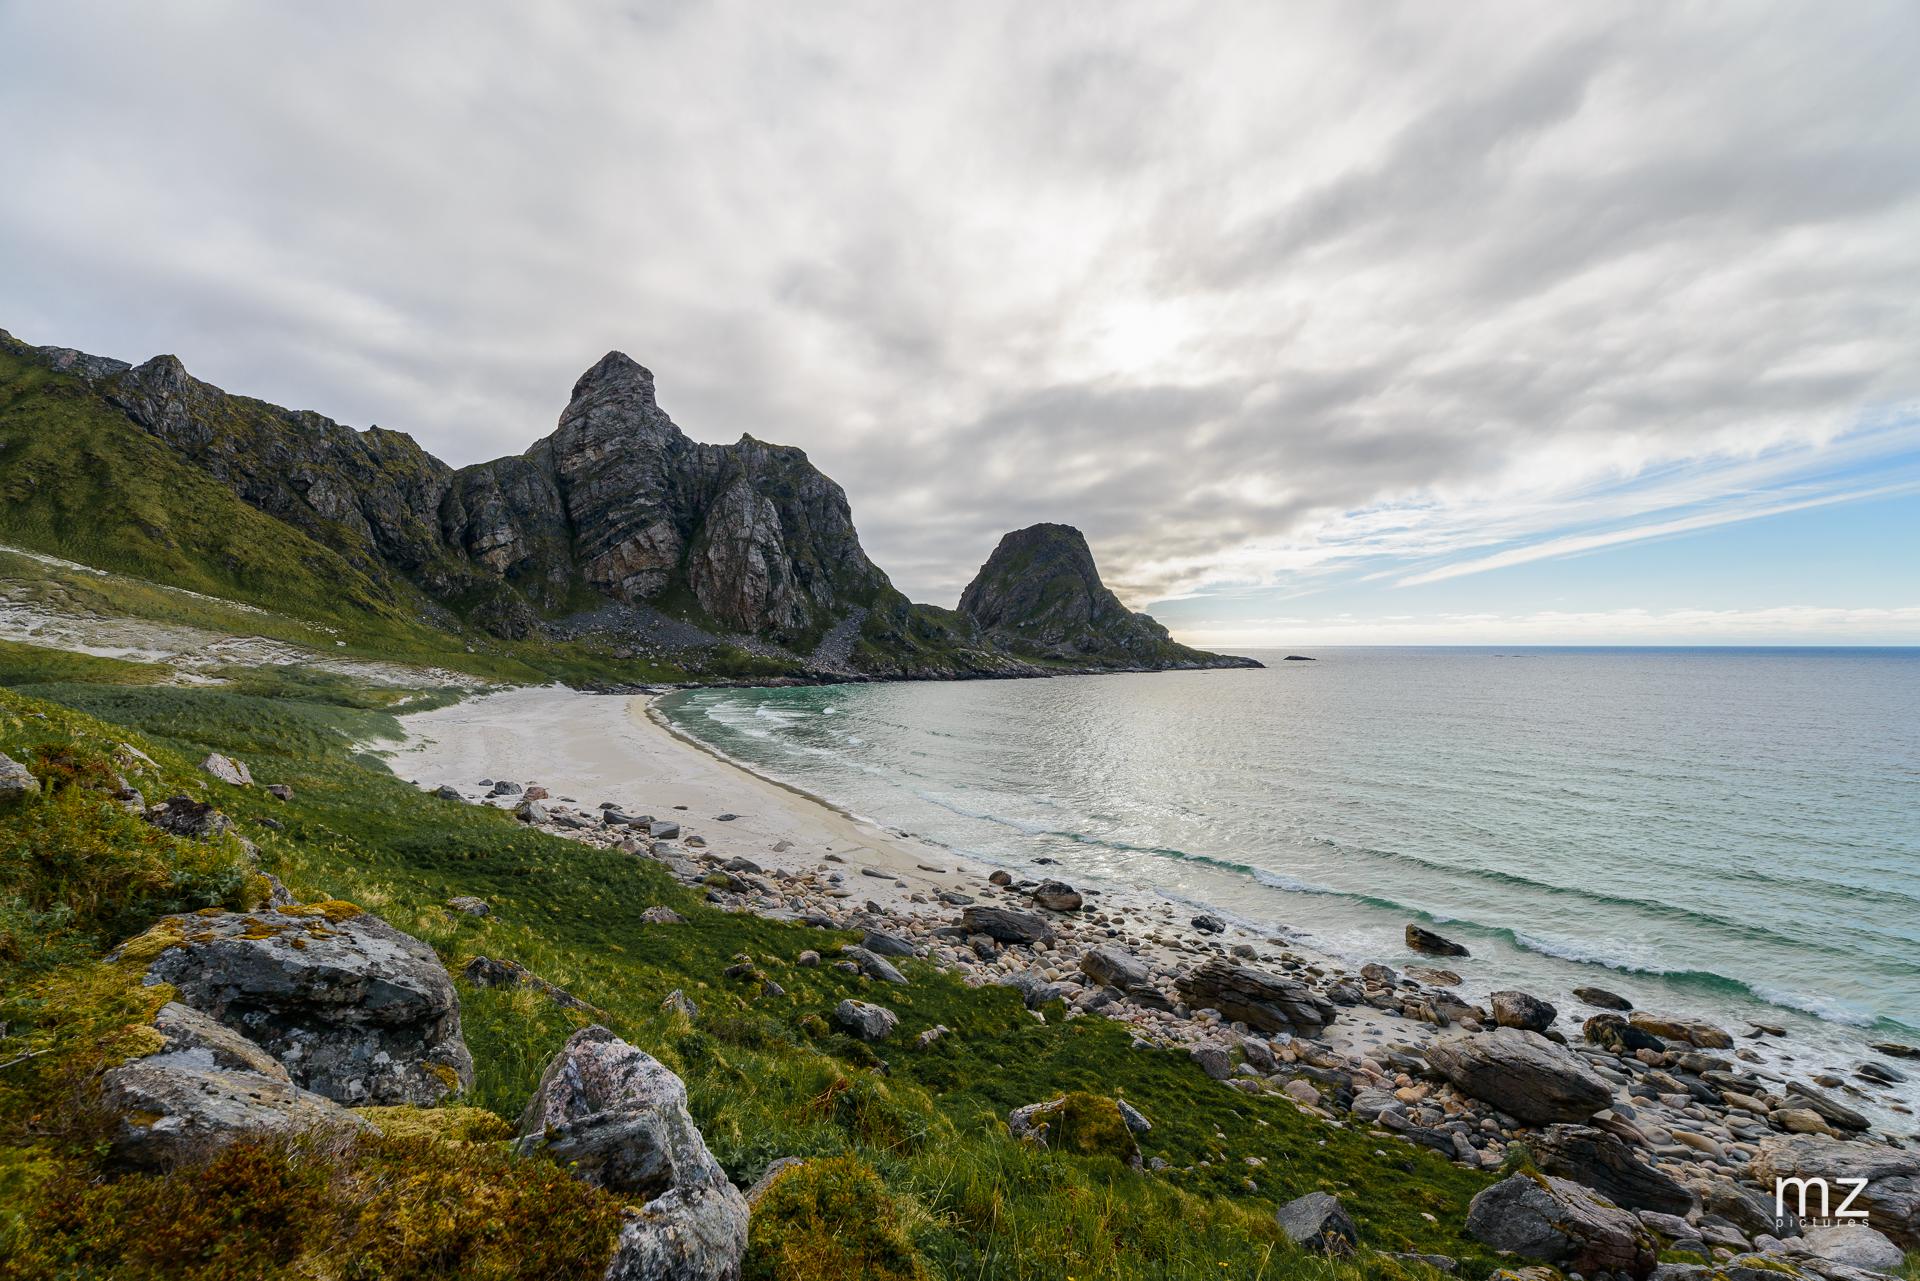 Rekvika Beach, Norway